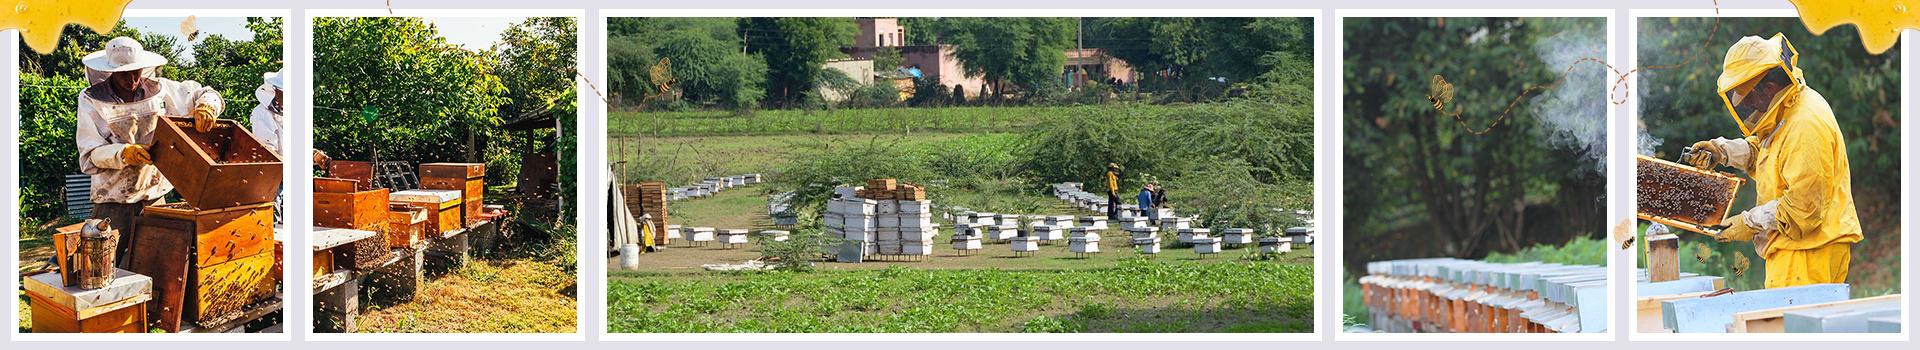 Beekeeping in India - GeoHoney